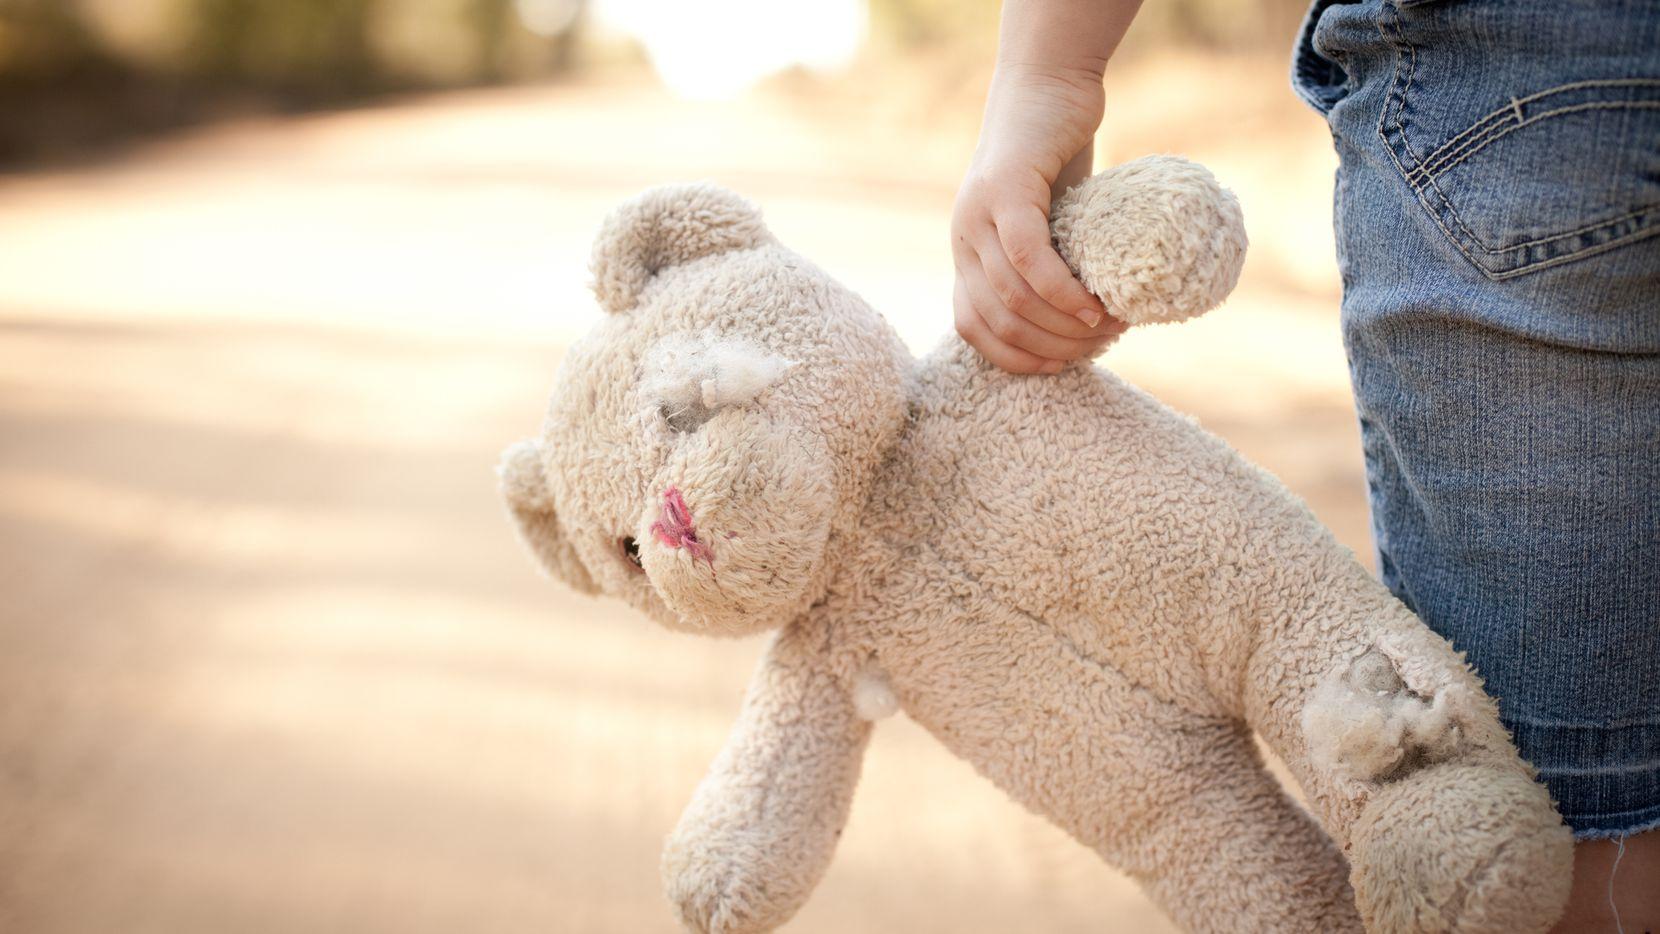 La nueva ley lleva el nombre de Jenna Quinn una niña que fue abusada desde que tenia 13 años. Su historia fue parte de un reportaje de The Dallas Morning News en 2004.